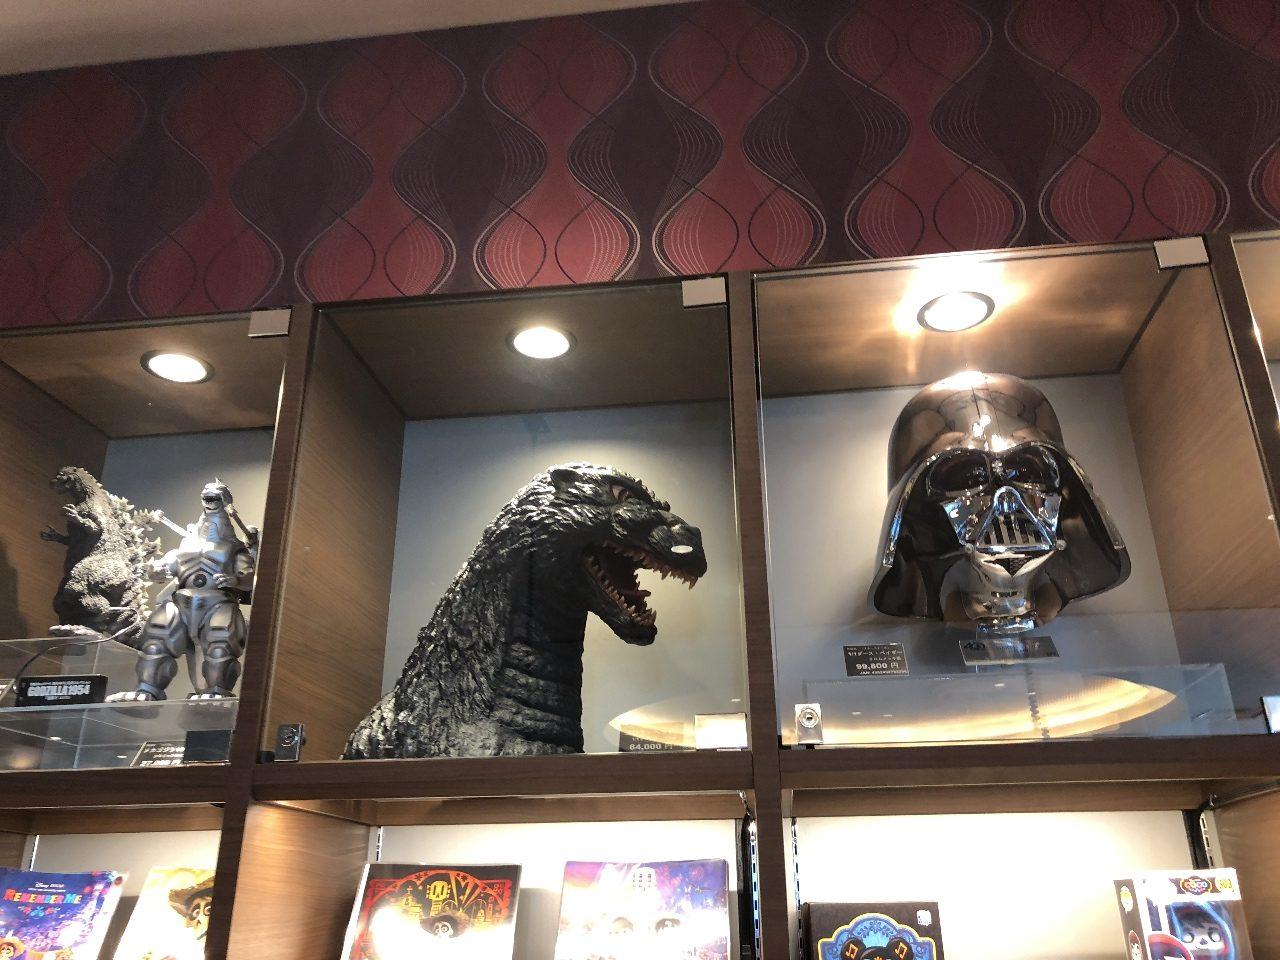 ゴジラの頭部(ゴジラヘッド)のお値段は、84,000円